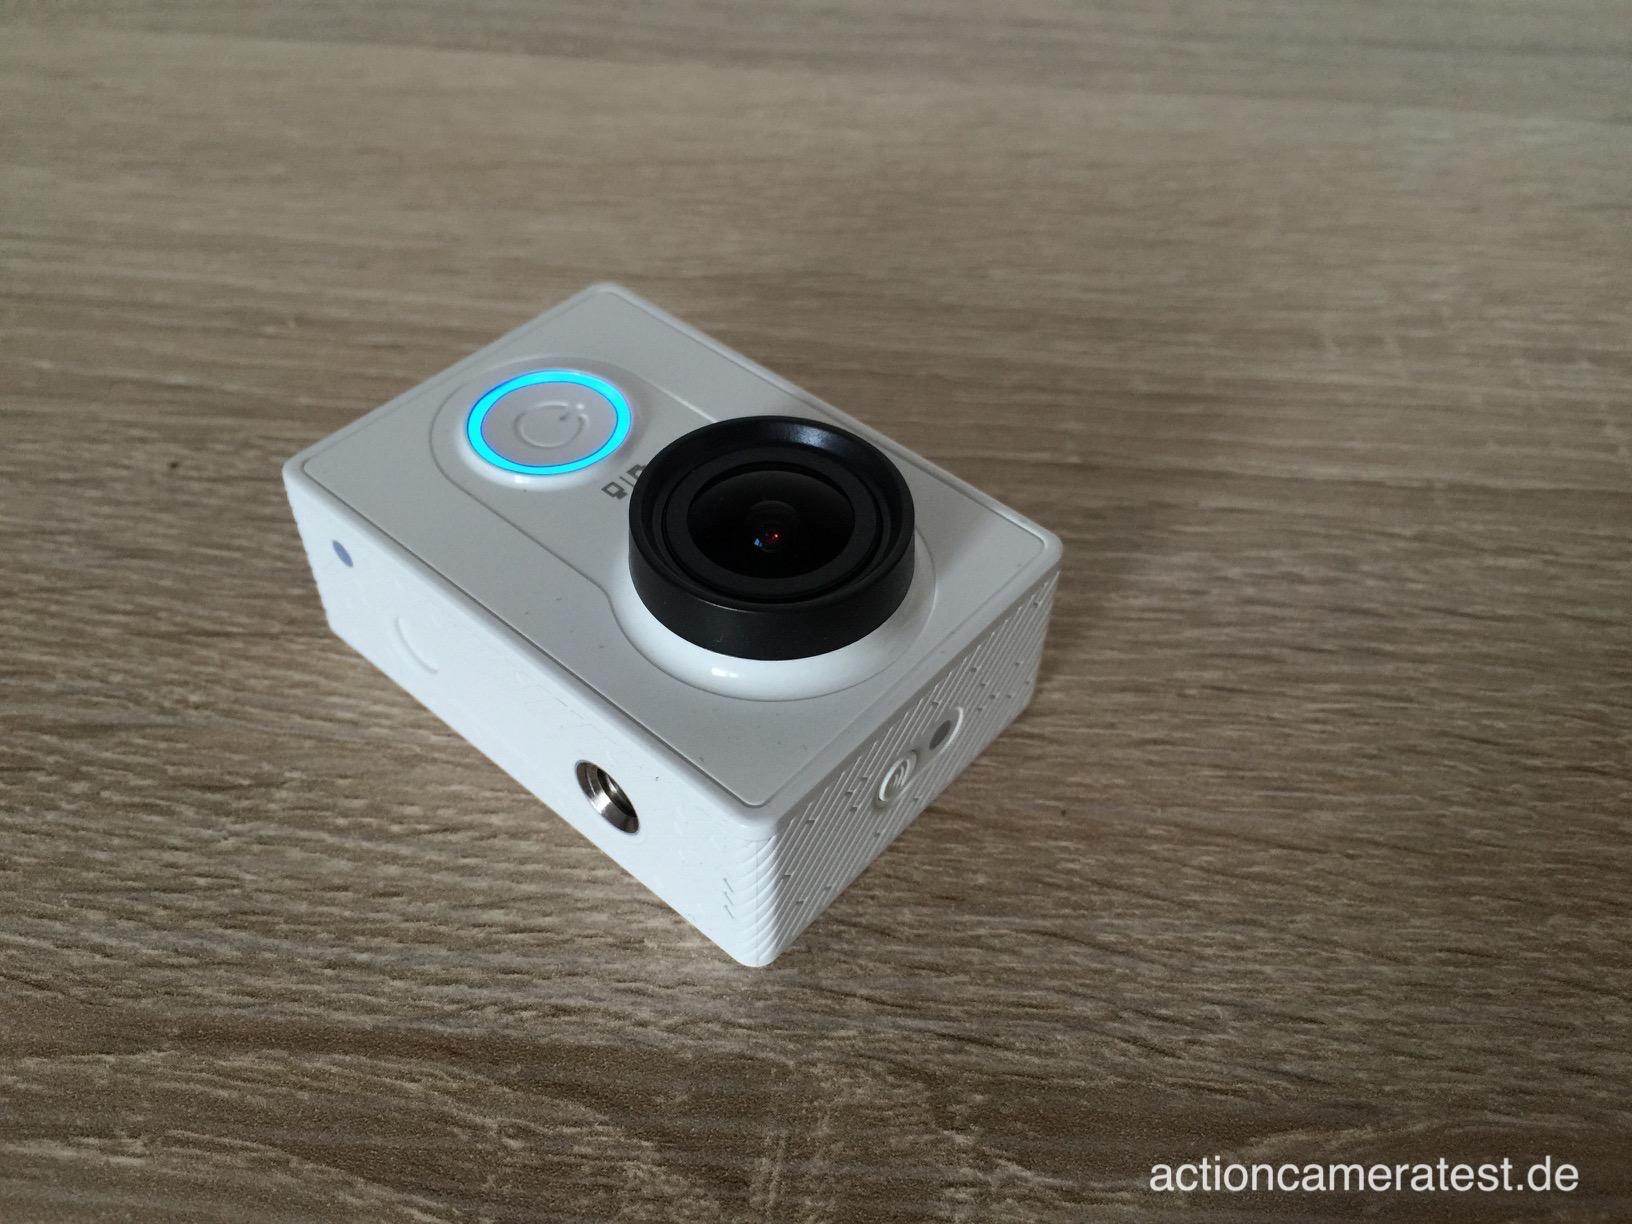 xiaomi-yi-action-camera-comprar3